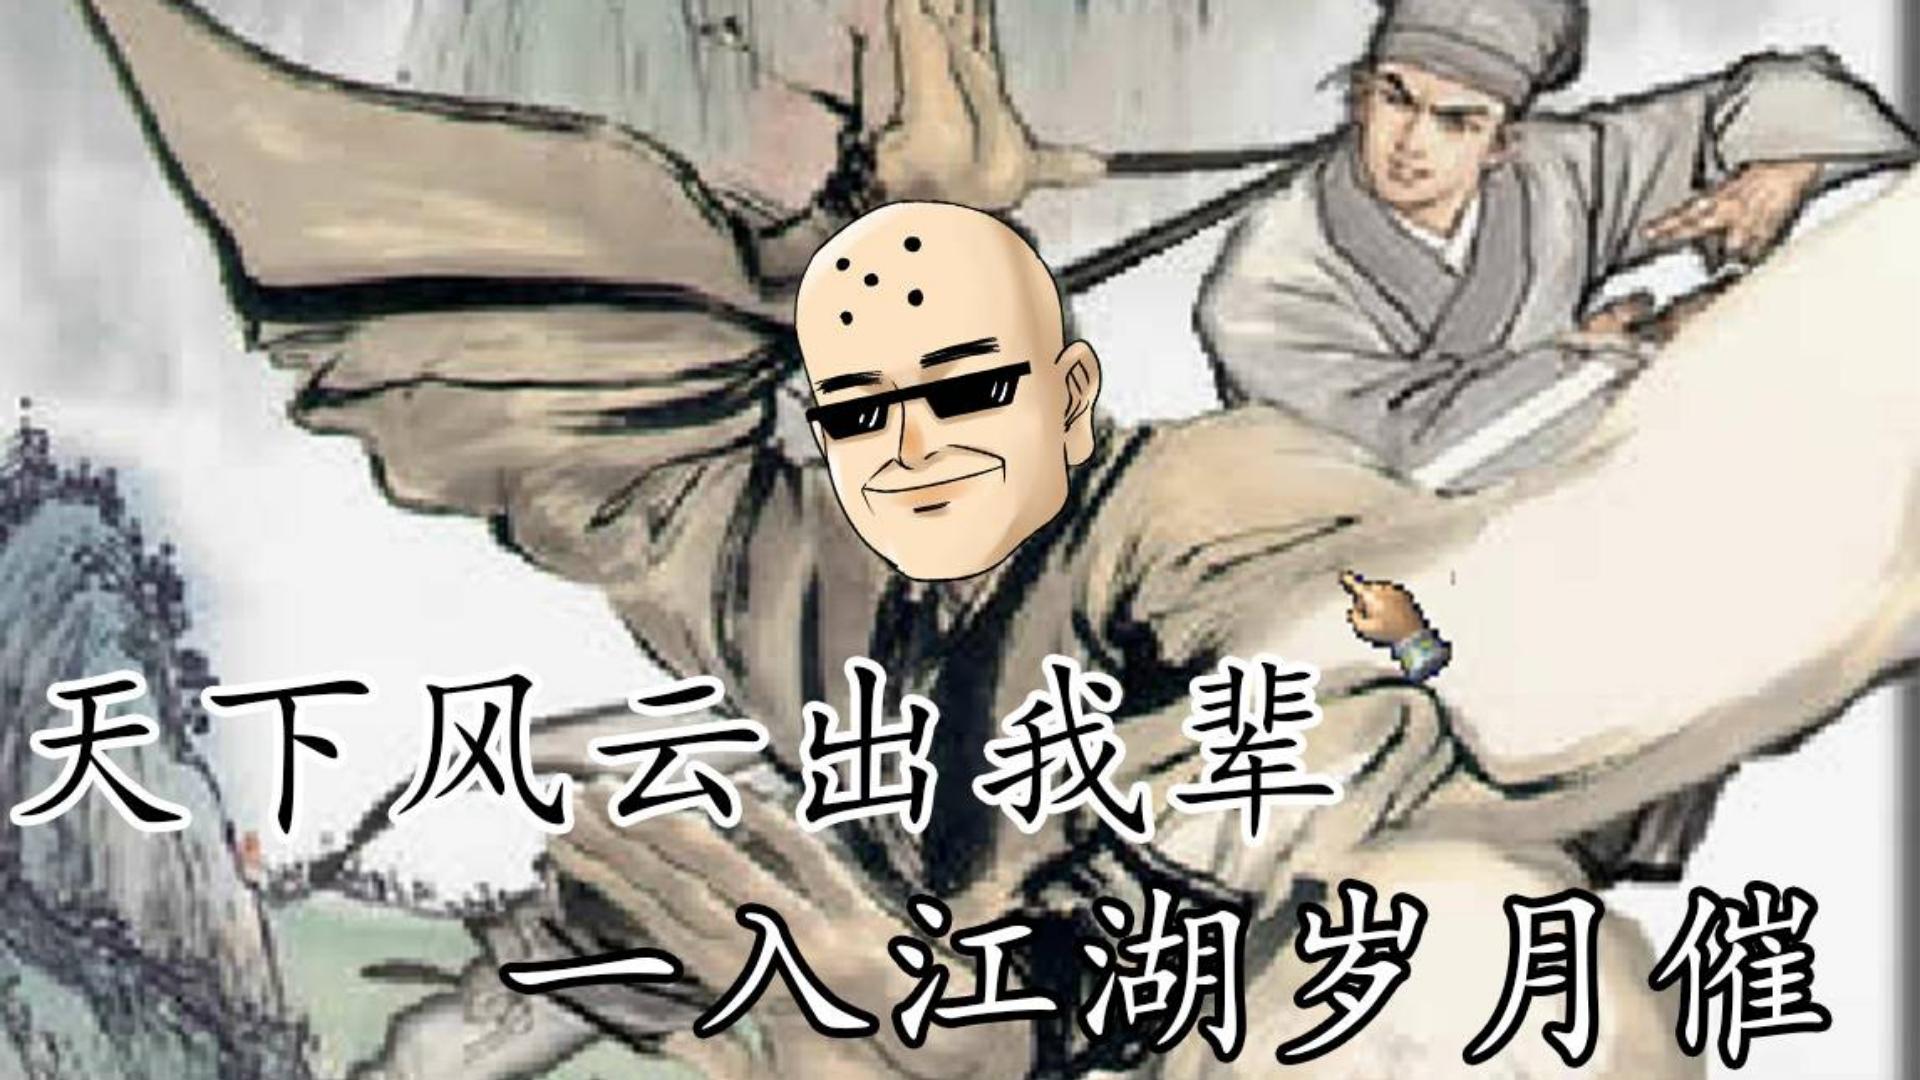 【罗汉解说】金庸武侠强大的IP下 诞生过的经典游戏